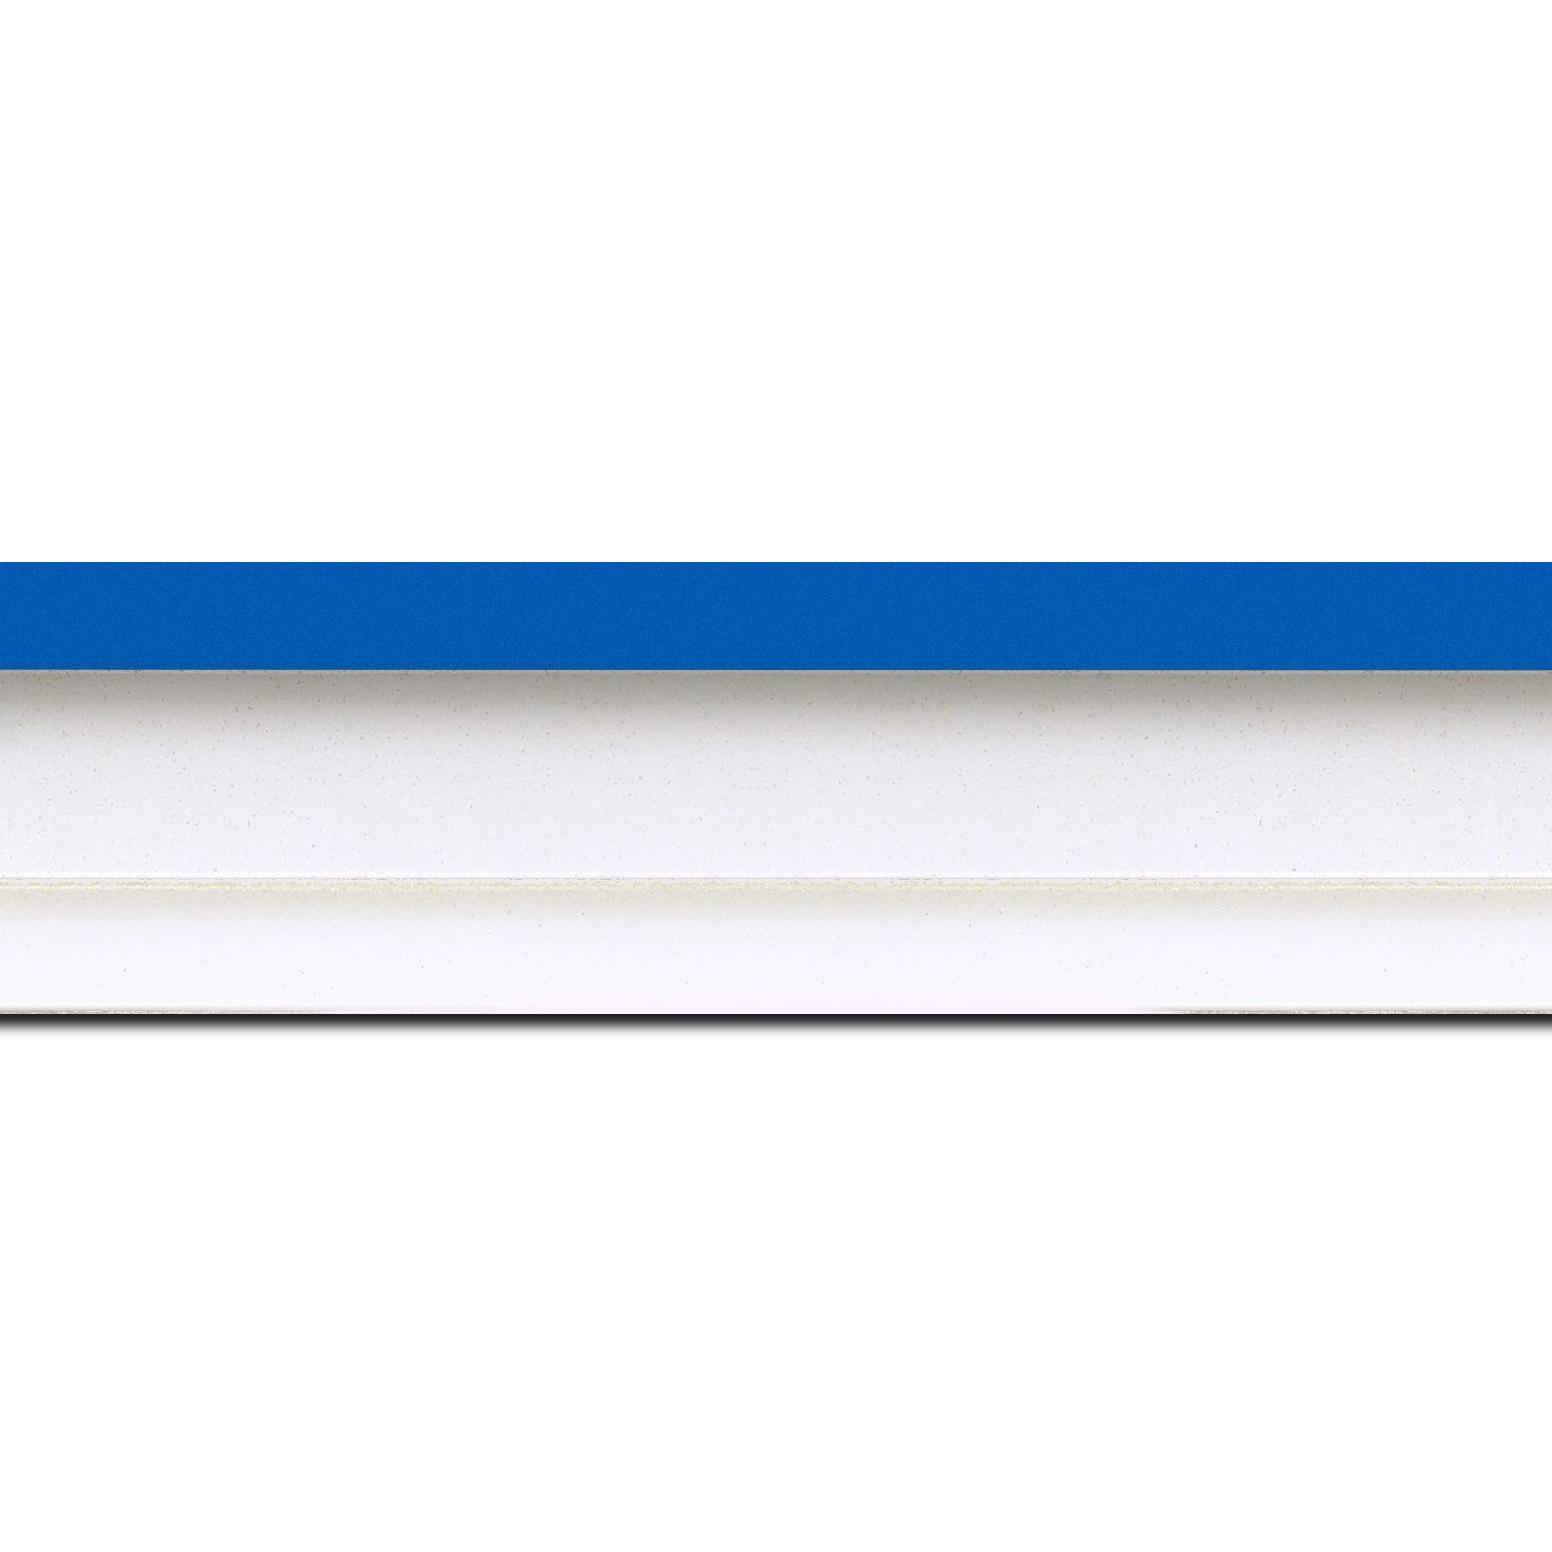 Baguette longueur 1.40m bois caisse américaine profil escalier largeur 4.4cm blanc mat filet bleu (spécialement conçu pour les châssis d'une épaisseur jusqu'à 2.5cm )